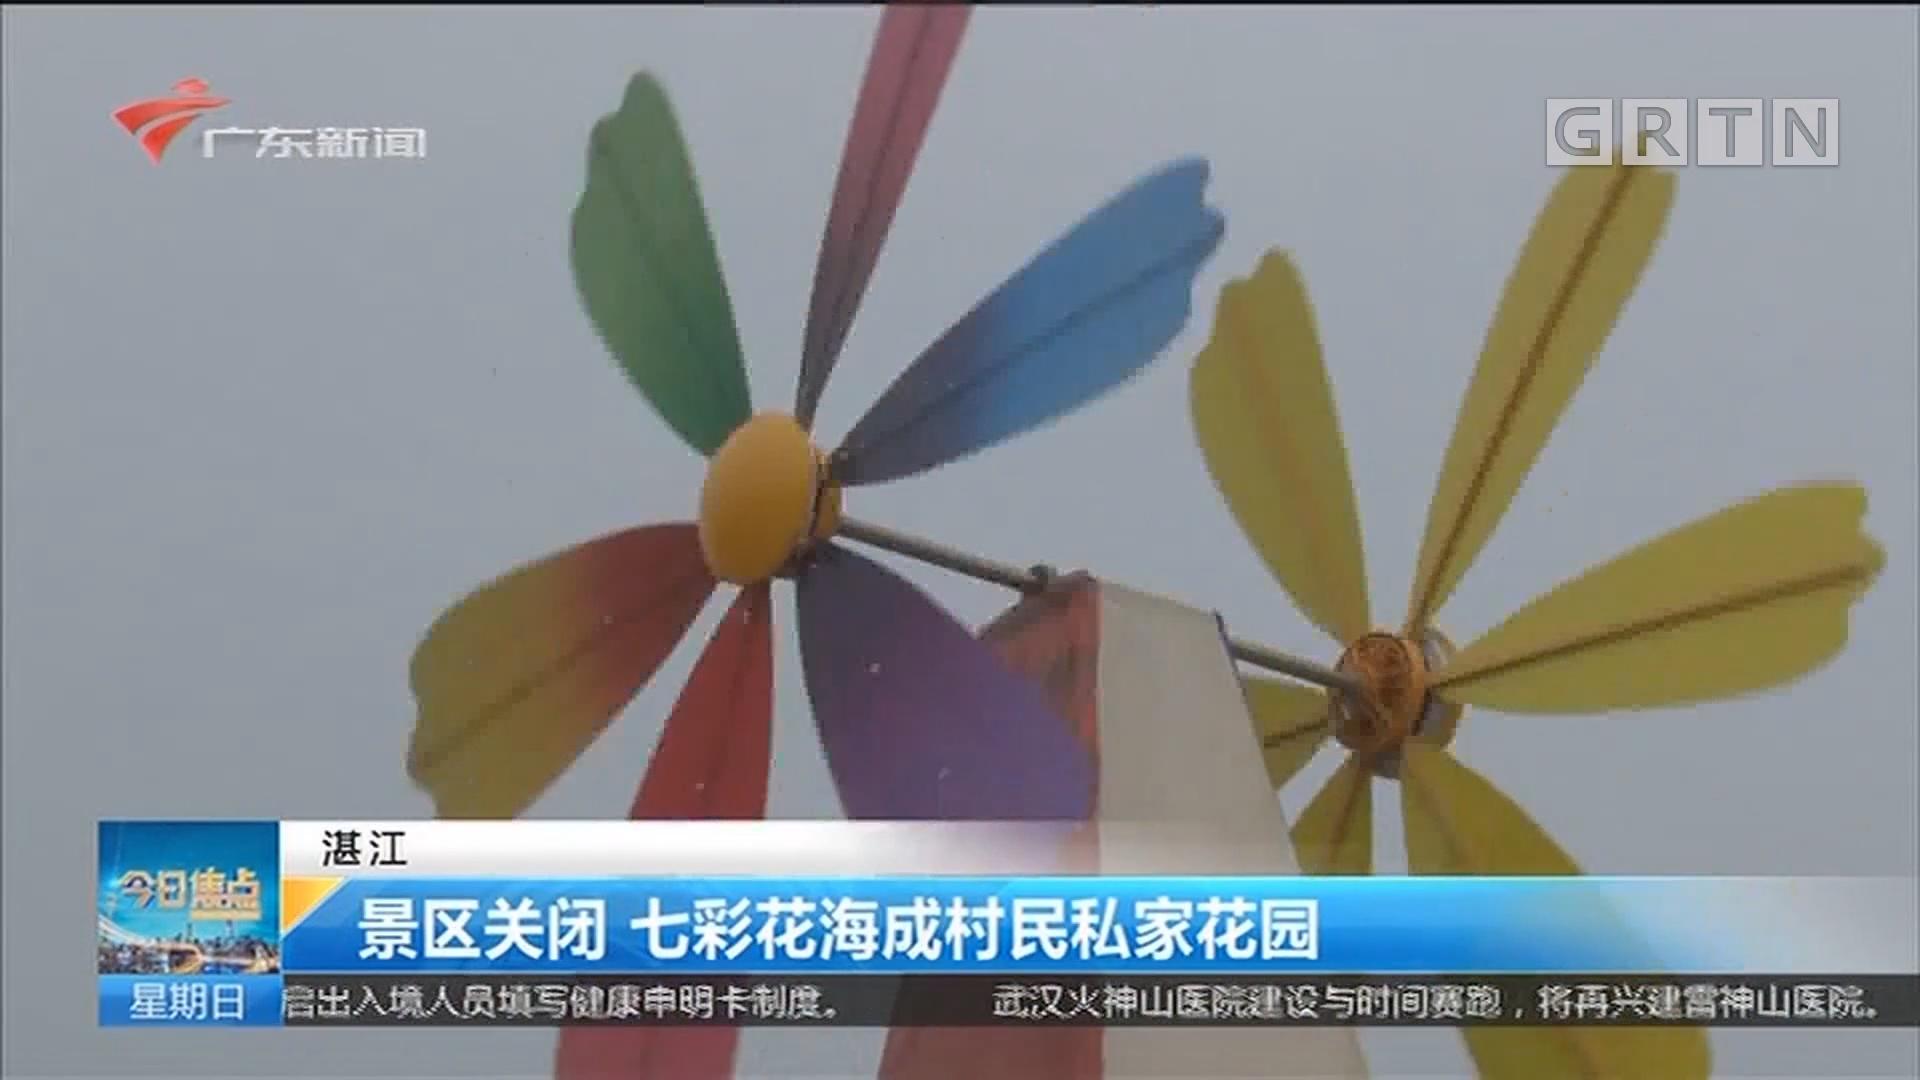 湛江 景区关闭 七彩花海成村民私家花园